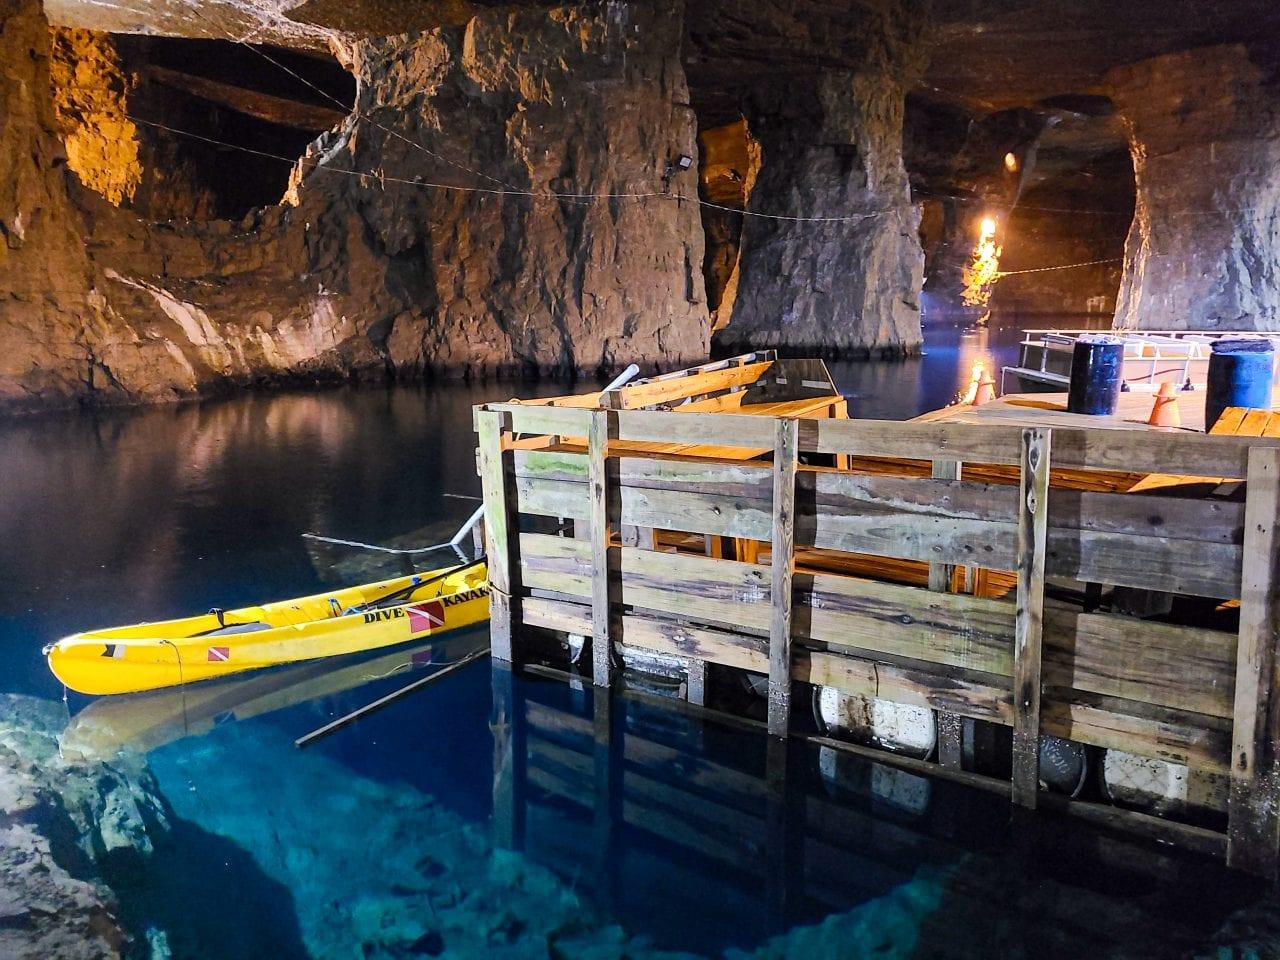 Docks at the underground lake